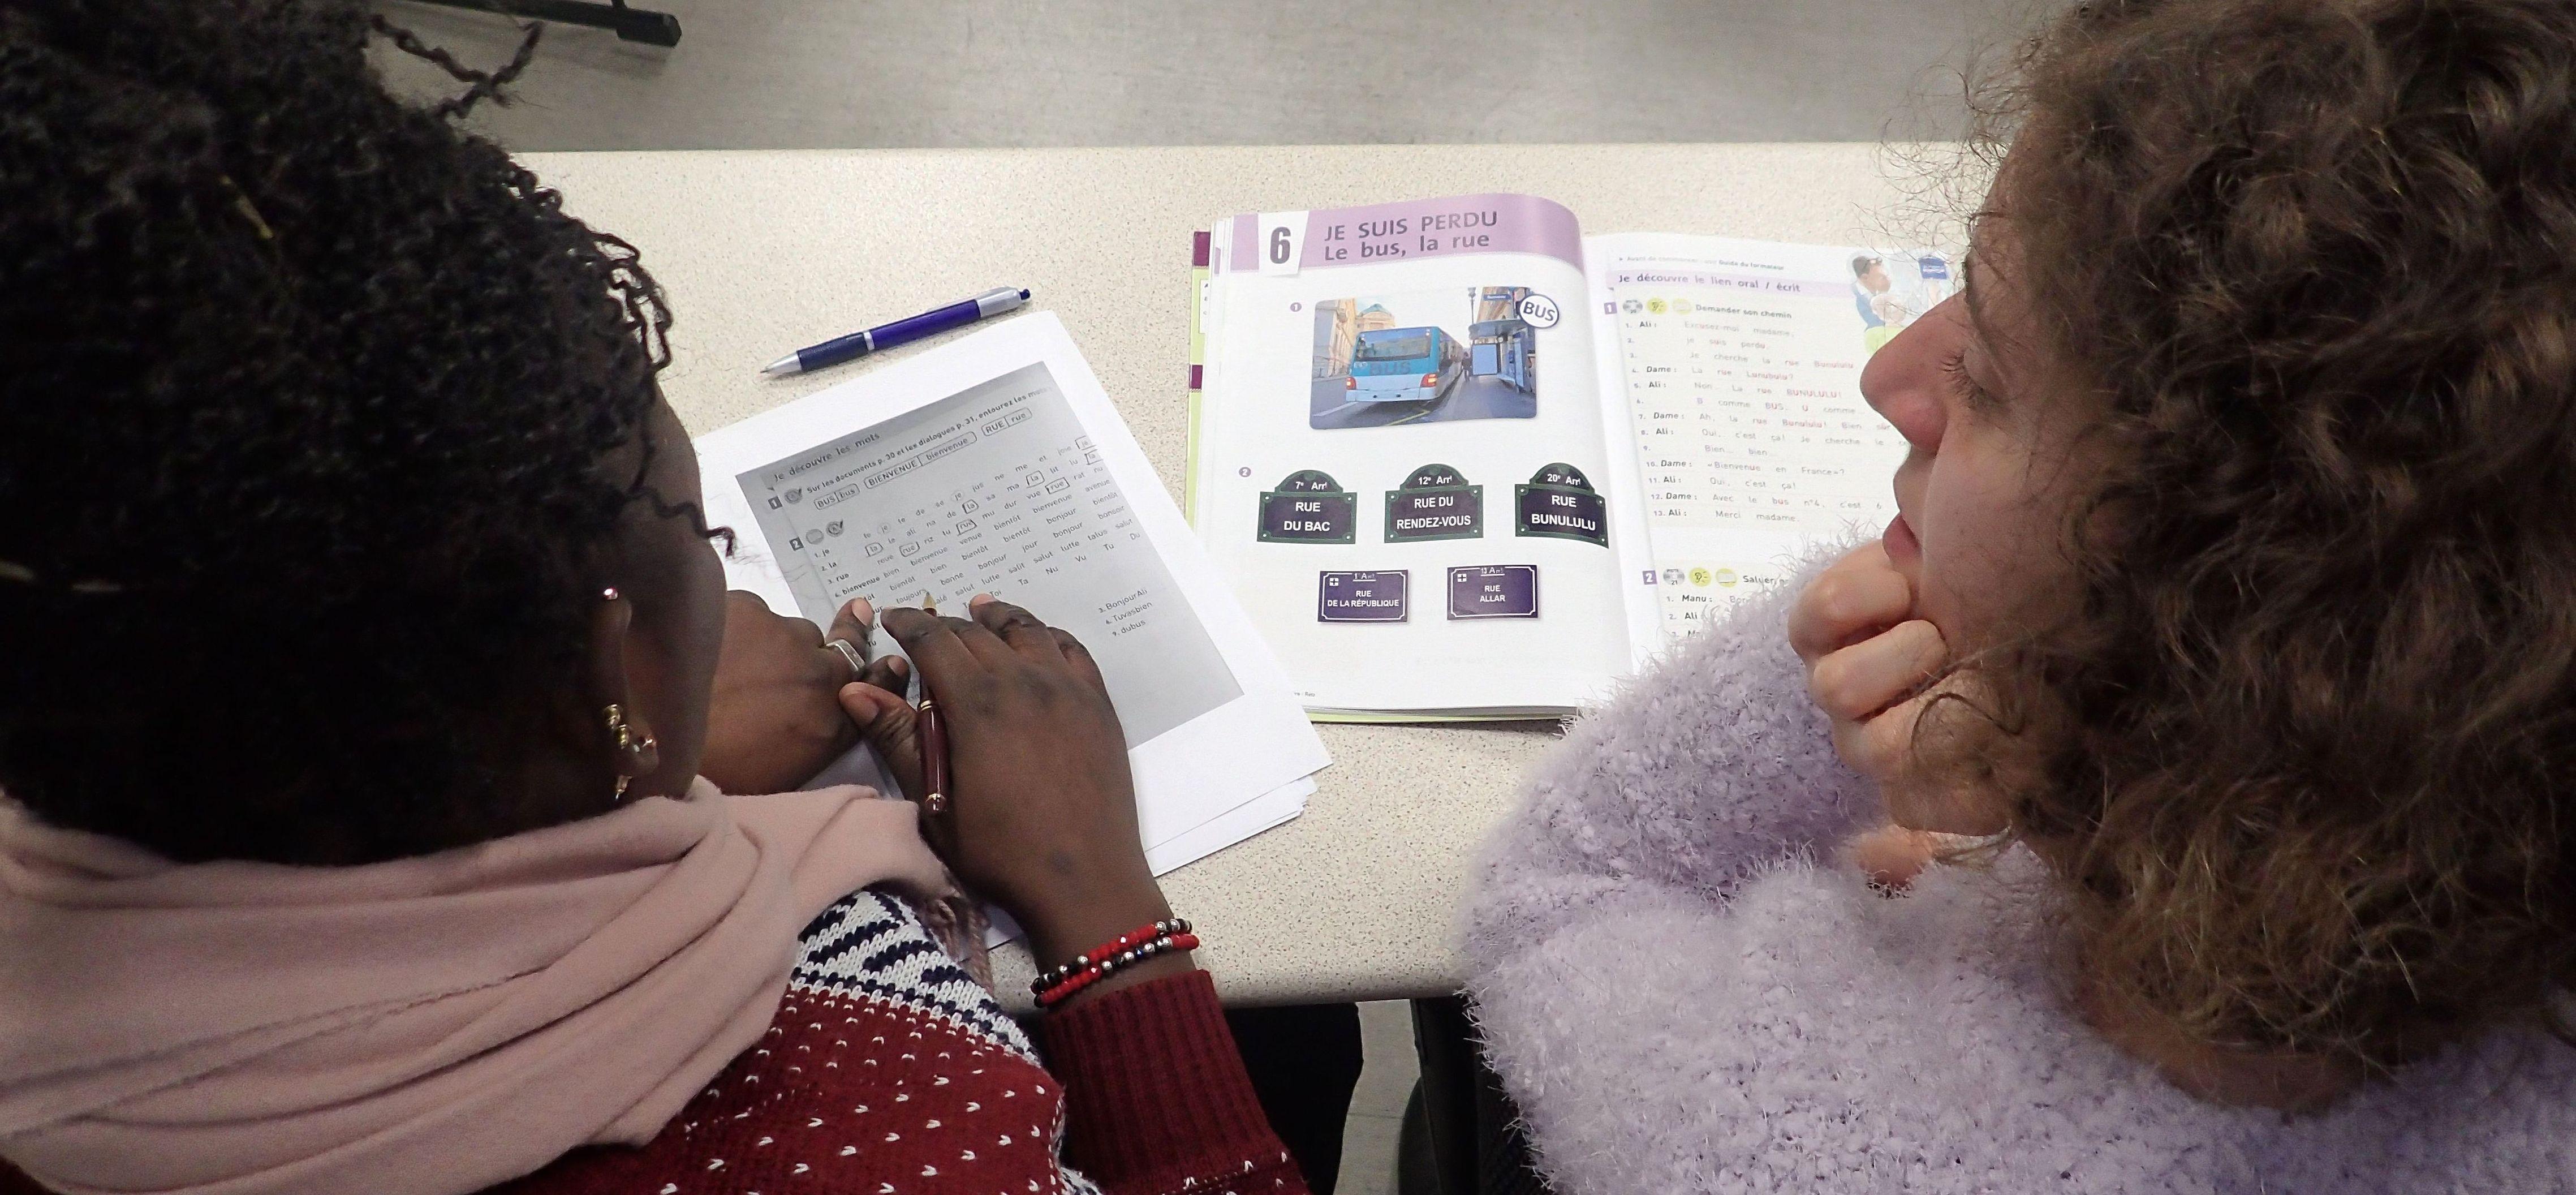 Cours de français débutants - 26 nov. 2019